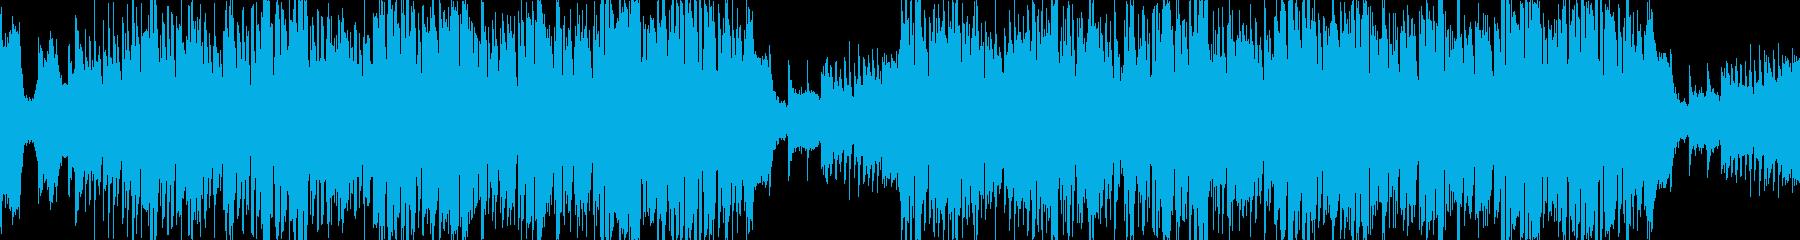 幻想的な戦闘シーン曲です。の再生済みの波形